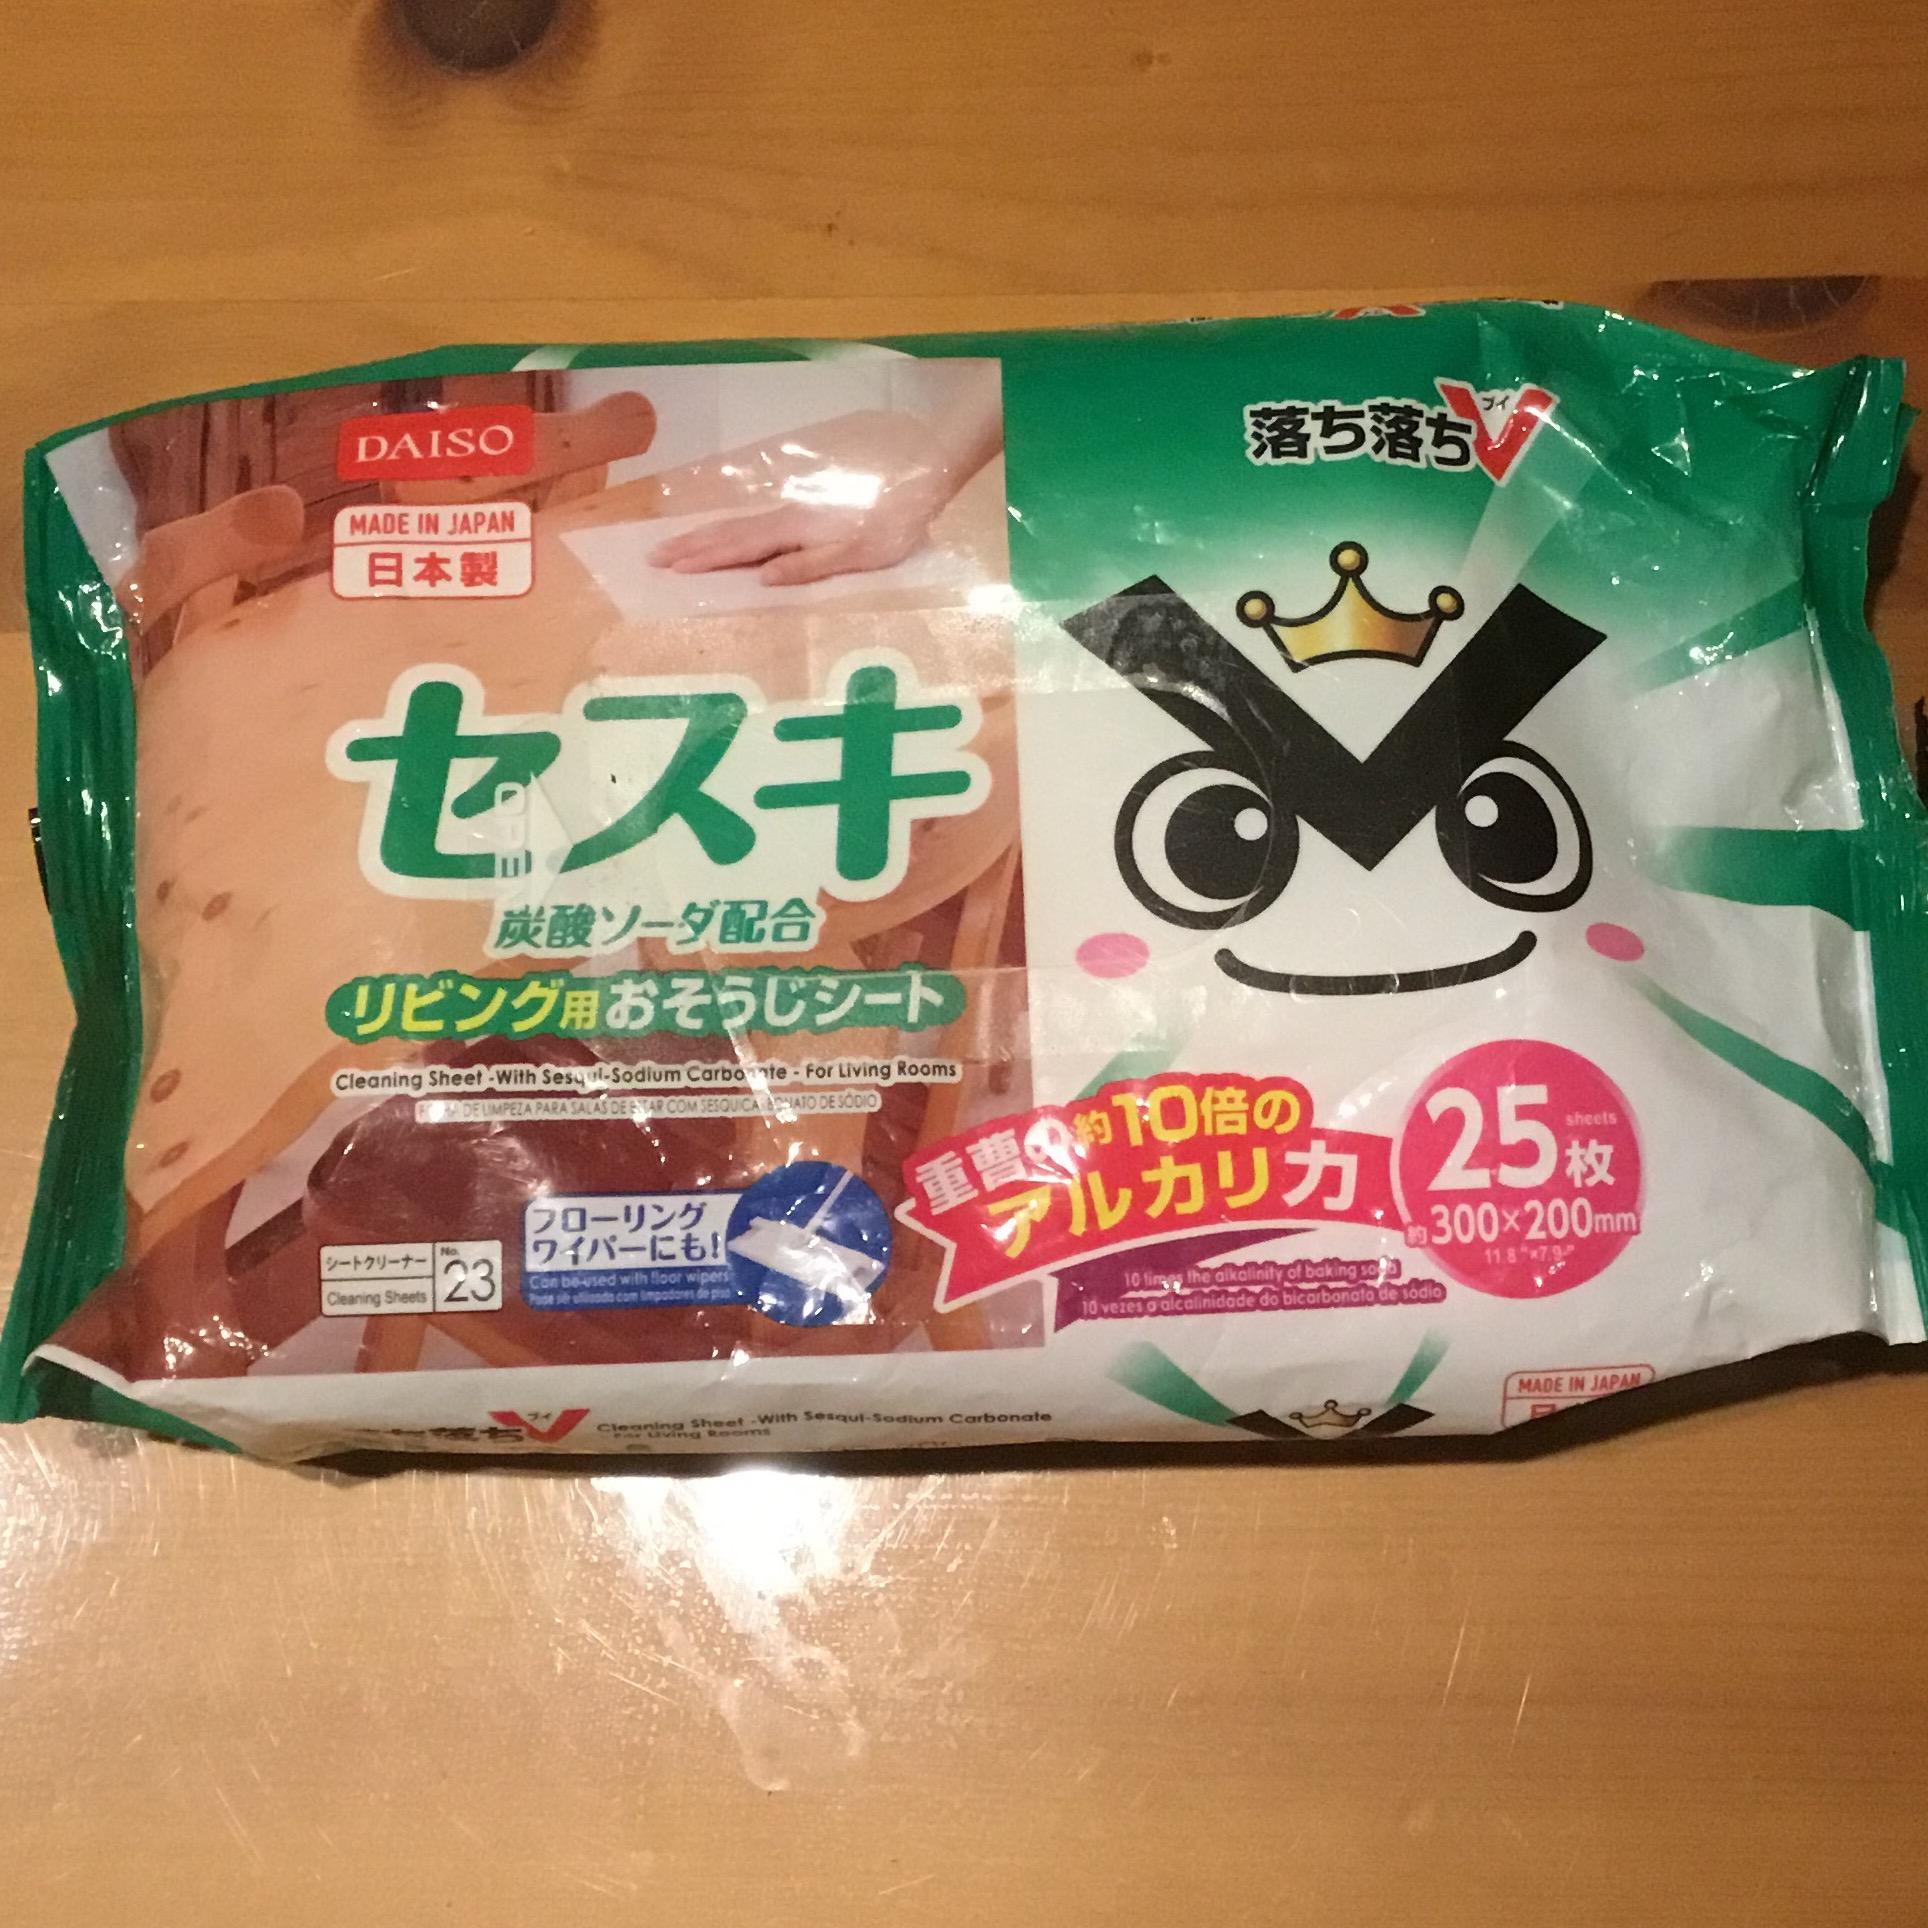 キセス炭酸ソーダ